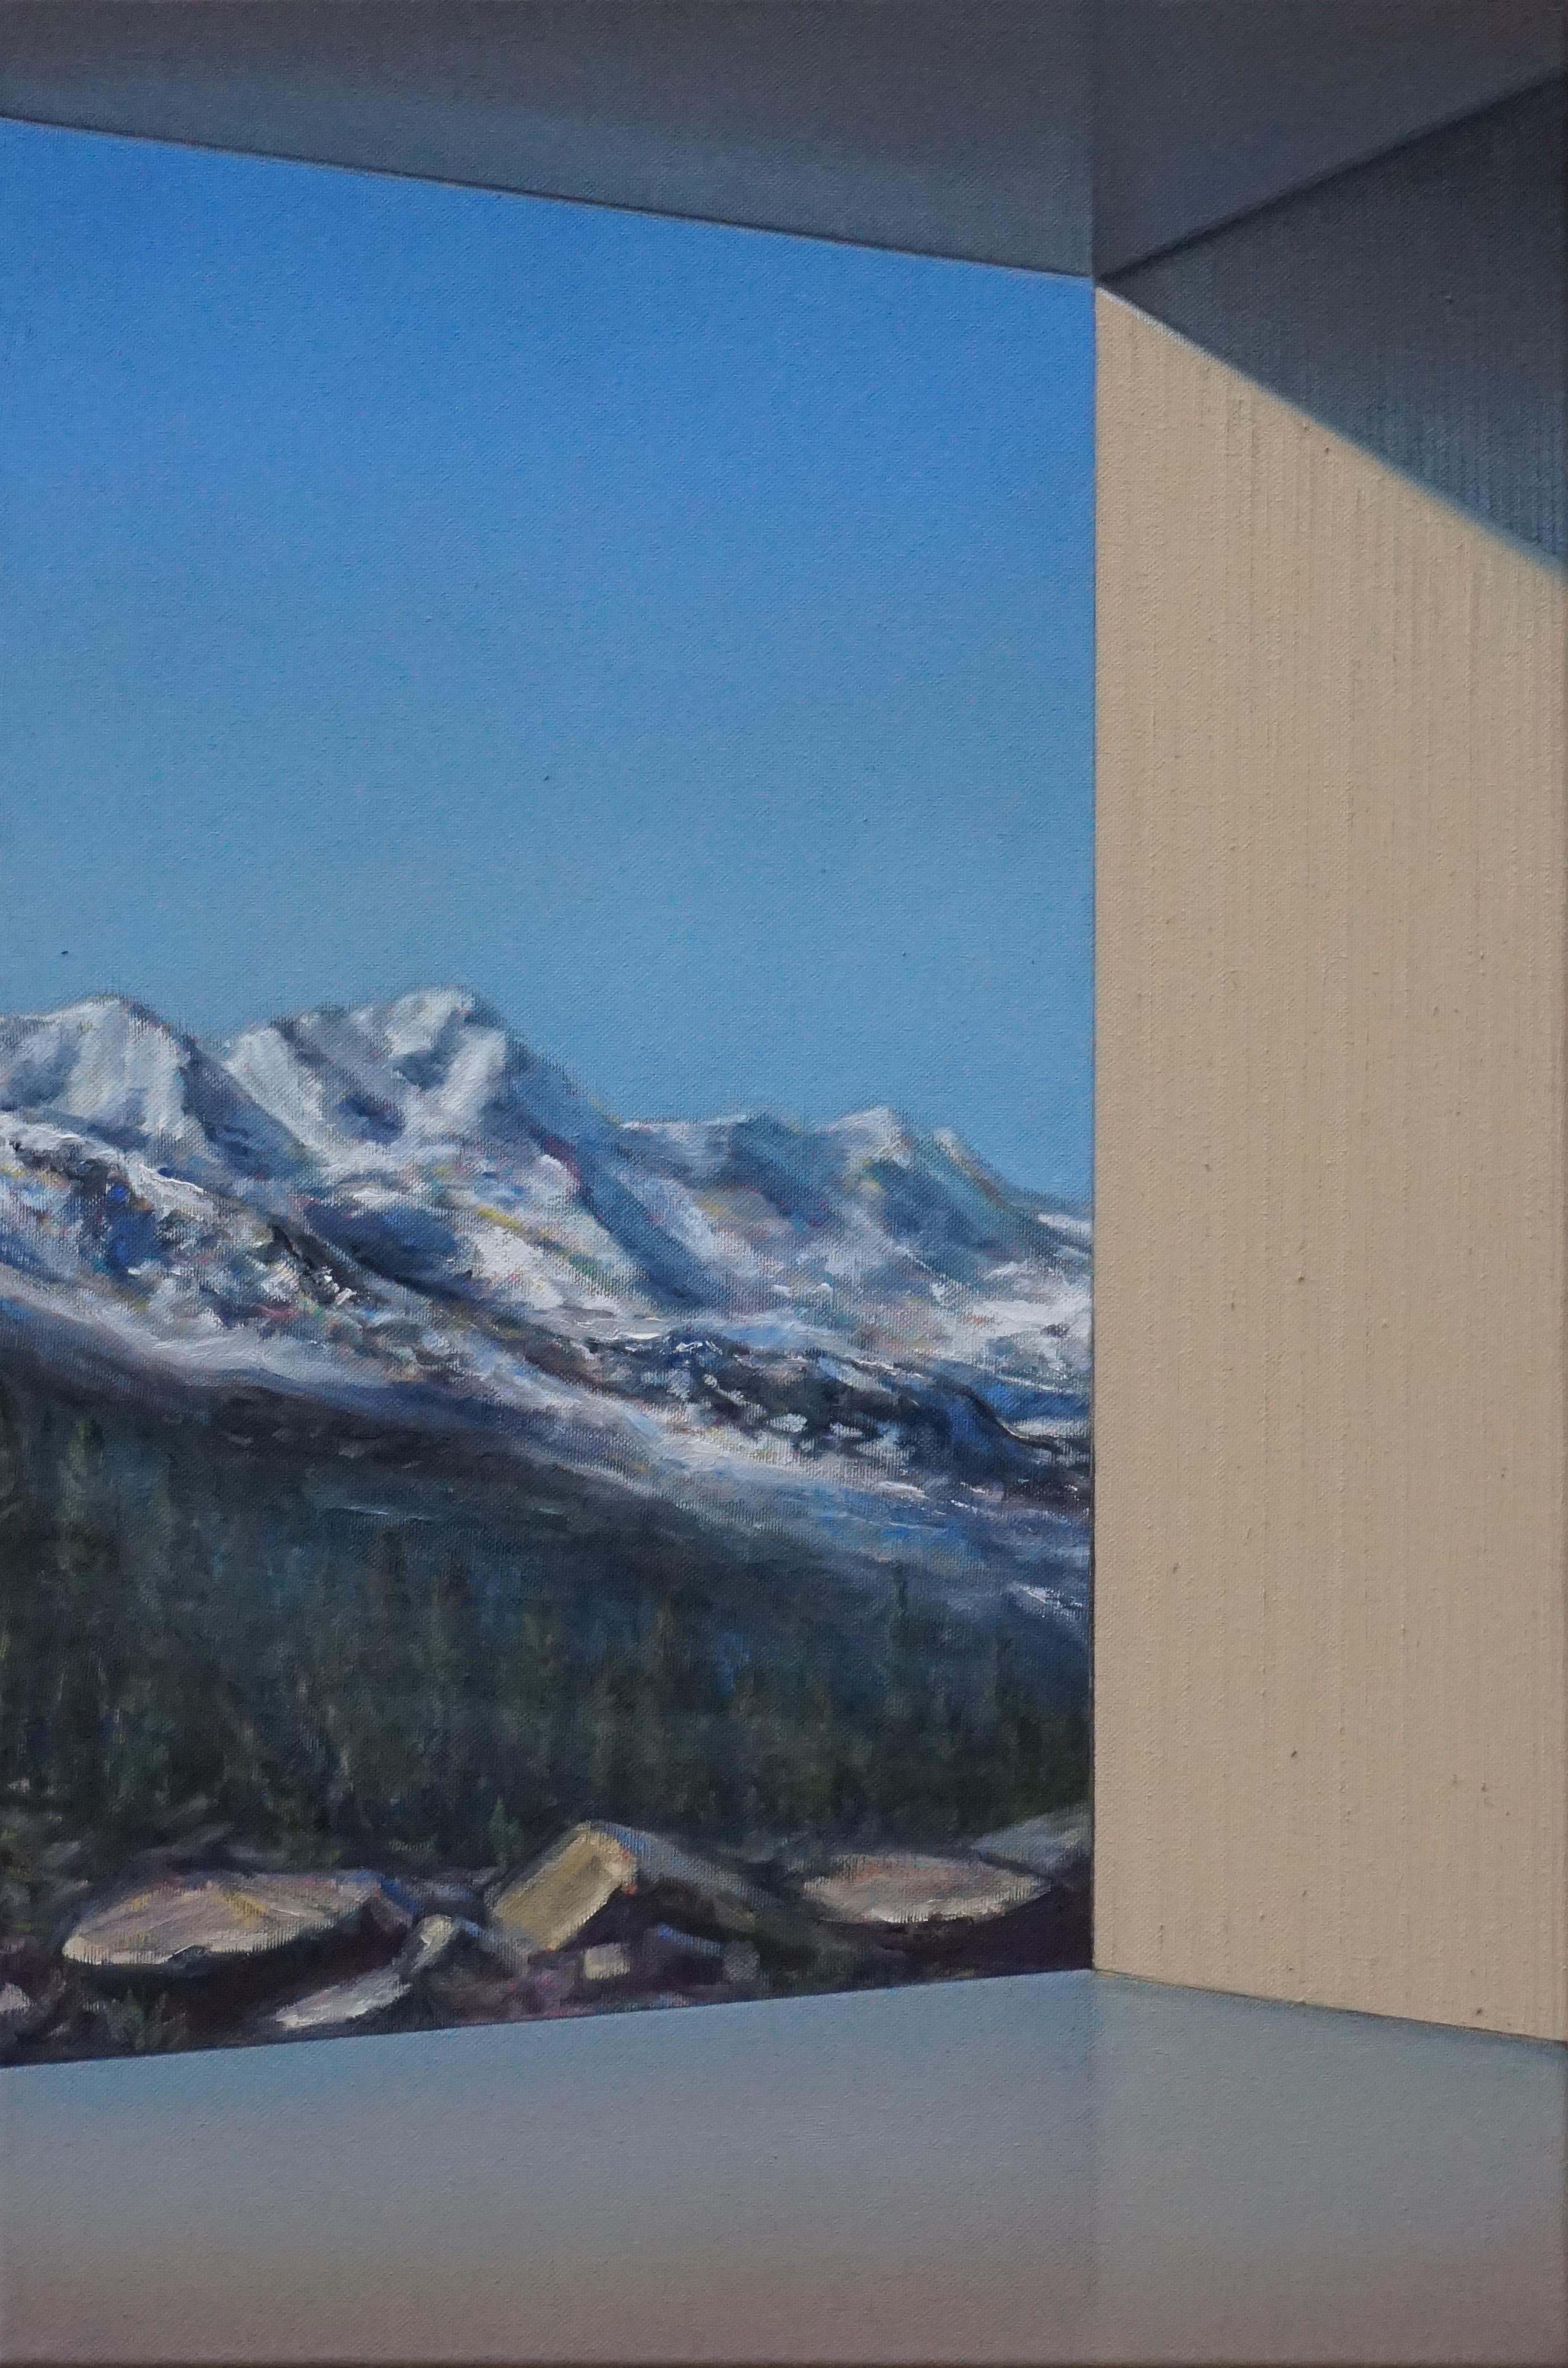 Mountain-Room II, 2020